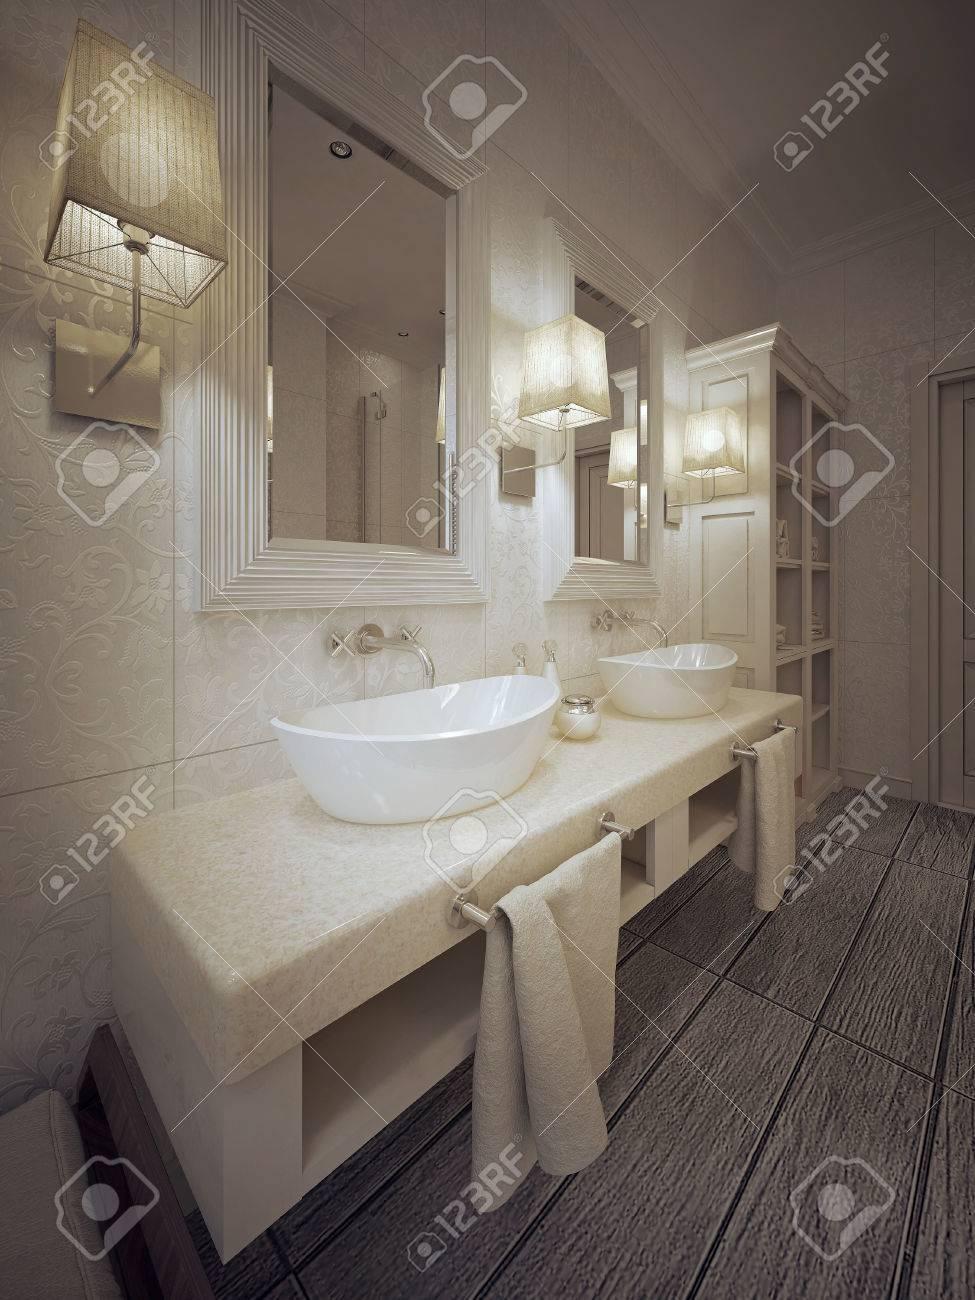 Elegant Ein Modernes Bad Mit Zwei Waschbecken Konsole In Weiß Und Beige.  3D Darstellung.